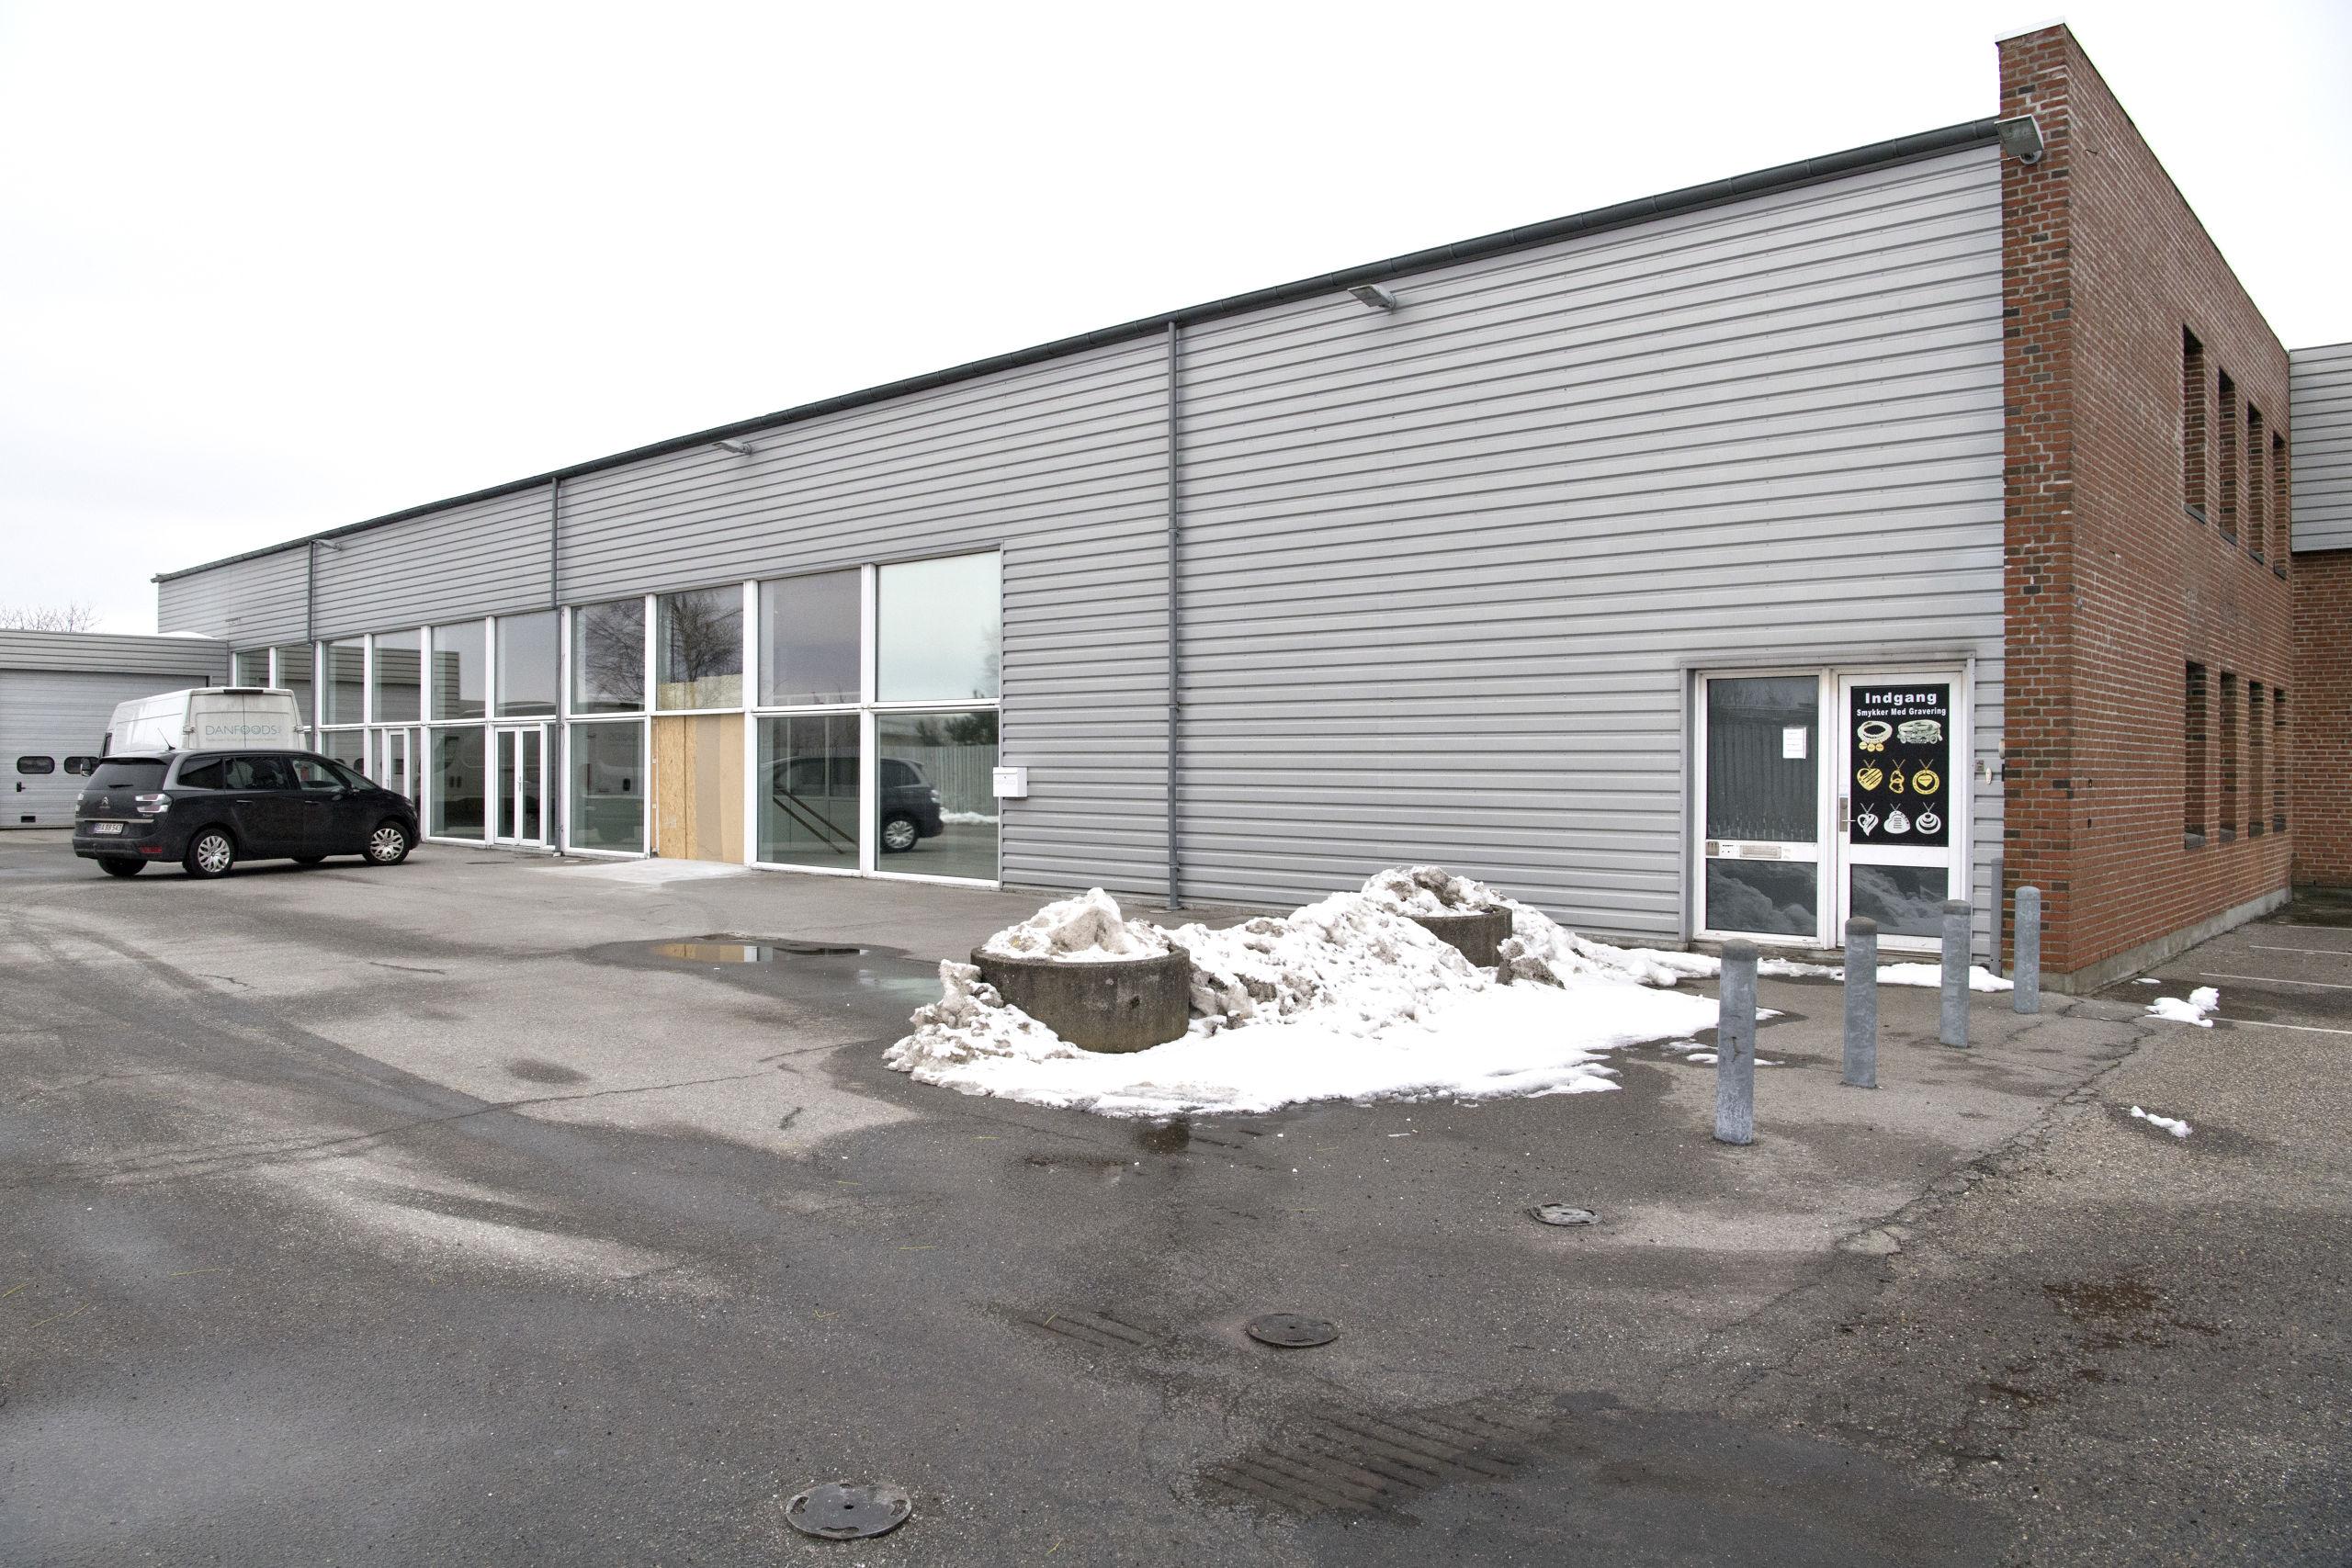 Cash & Carry får til huse på Nibevej 48 i Aalborg, og man har i øjeblikket travlt med at indrette lokalerne.